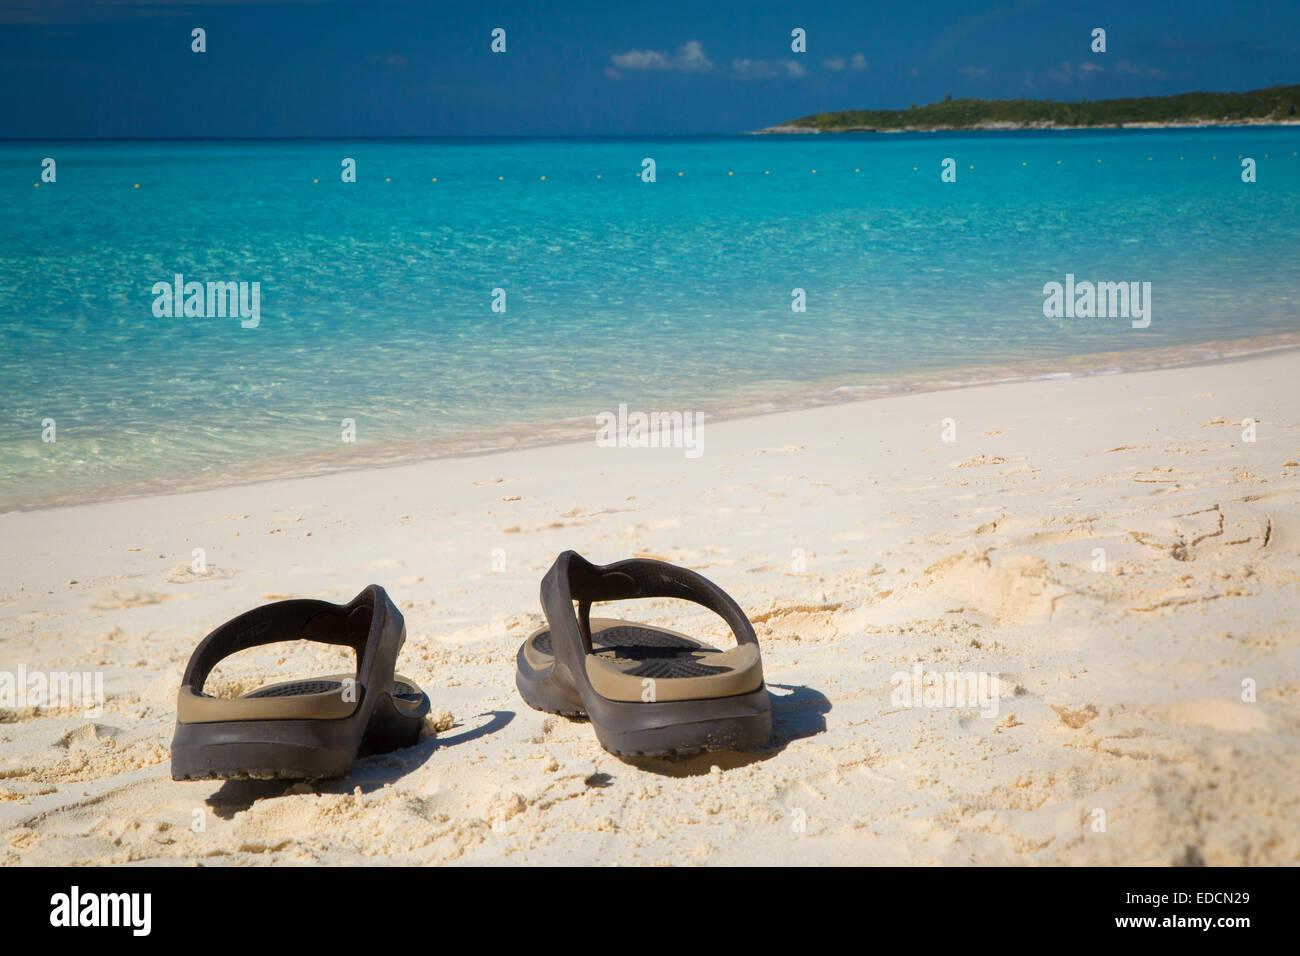 Il flip flop su di una spiaggia di sabbia con acqua turchese al di là, halfmoon Cay, Bahamas Immagini Stock